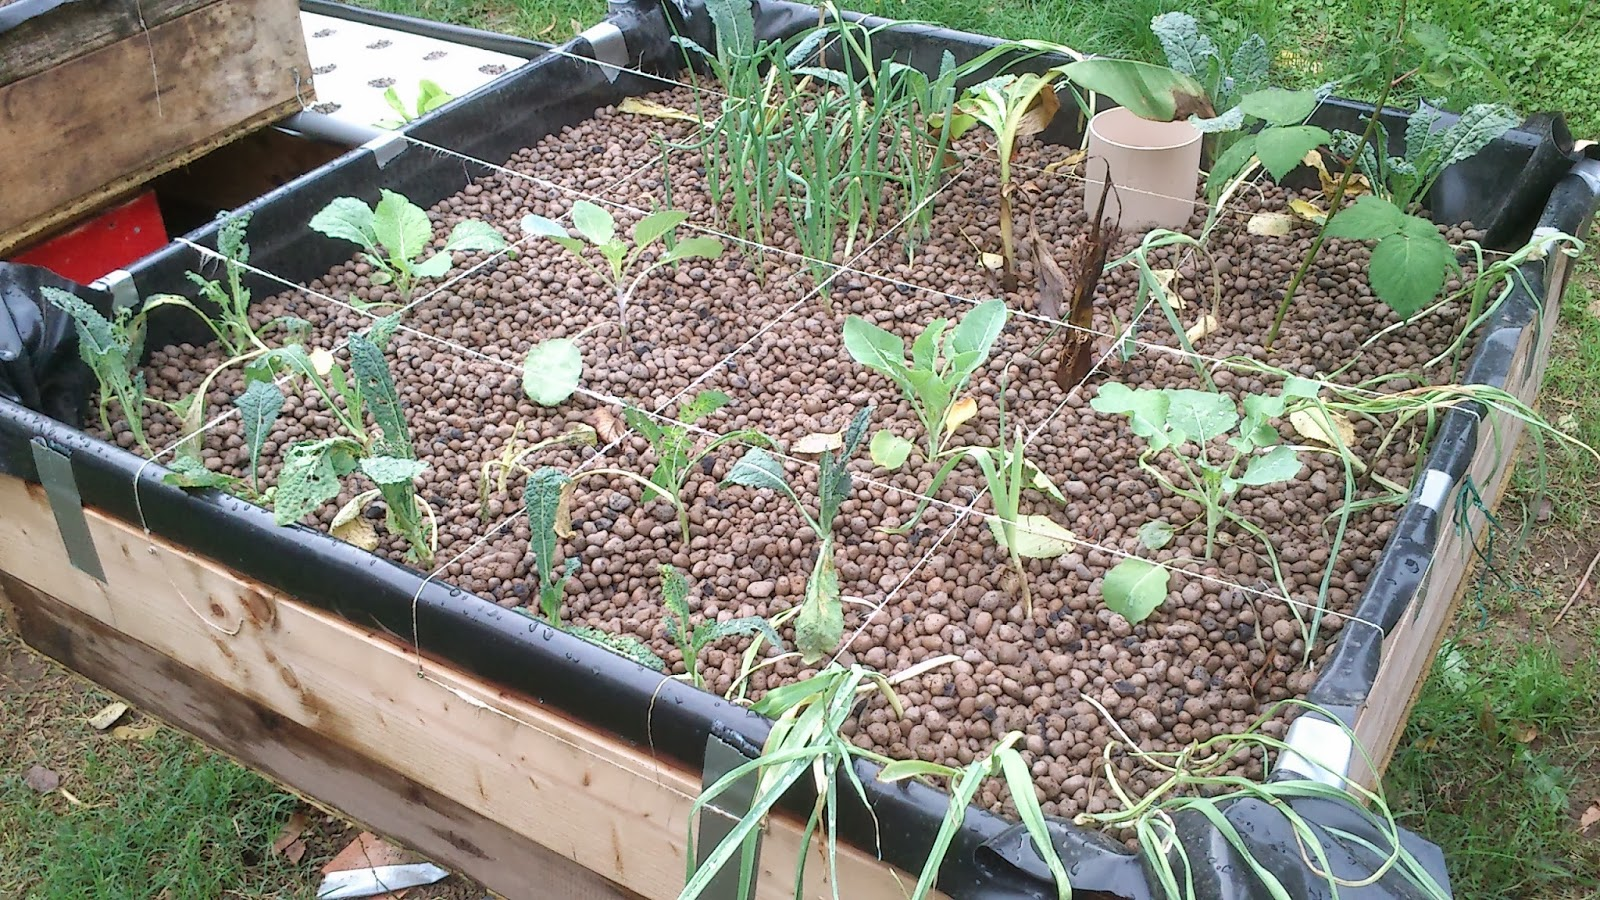 Progetto acquaponica aggiornamento dello stato delle piante for Piante leroy merlin